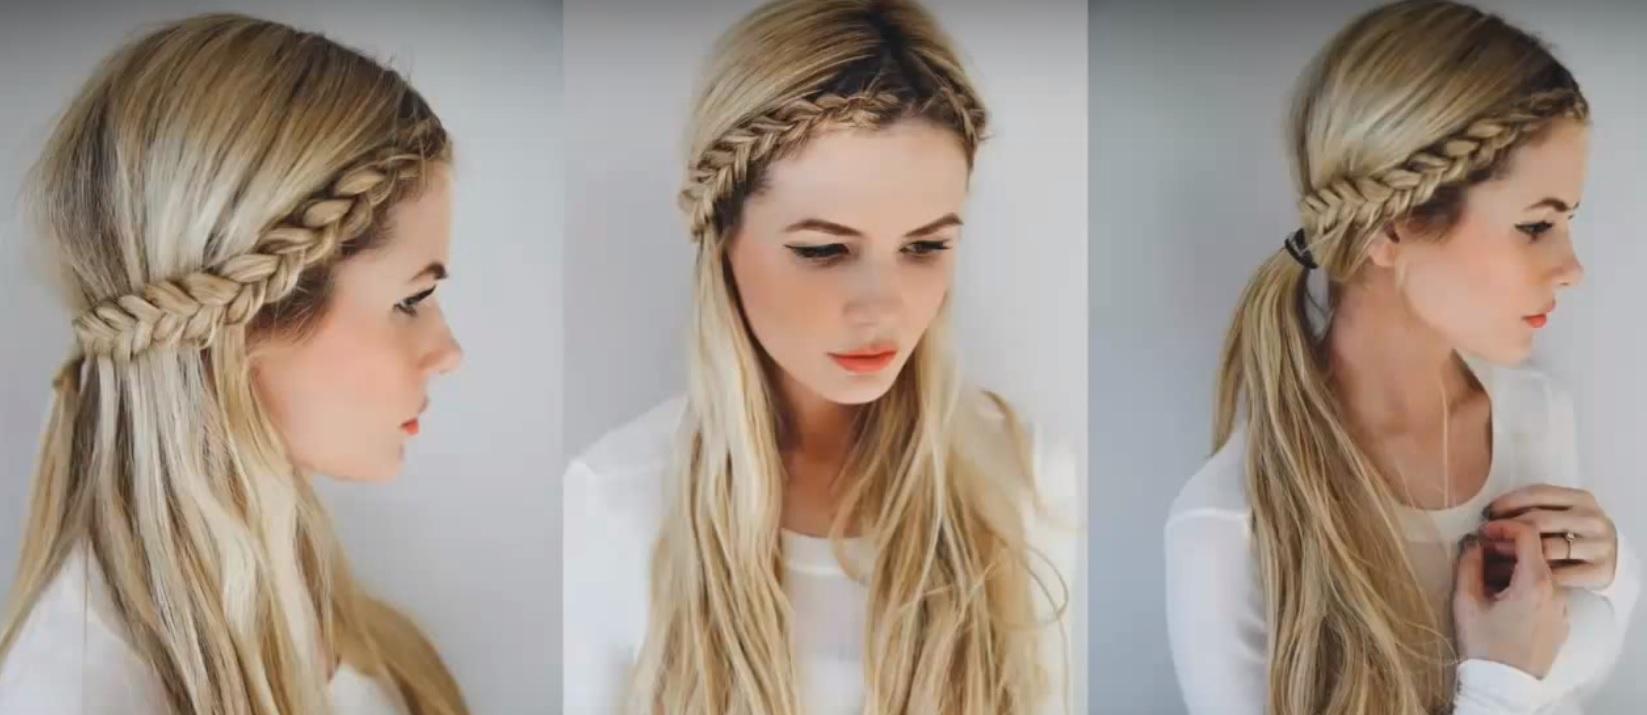 Прическа с распущенными волосами на 1 сентября фото